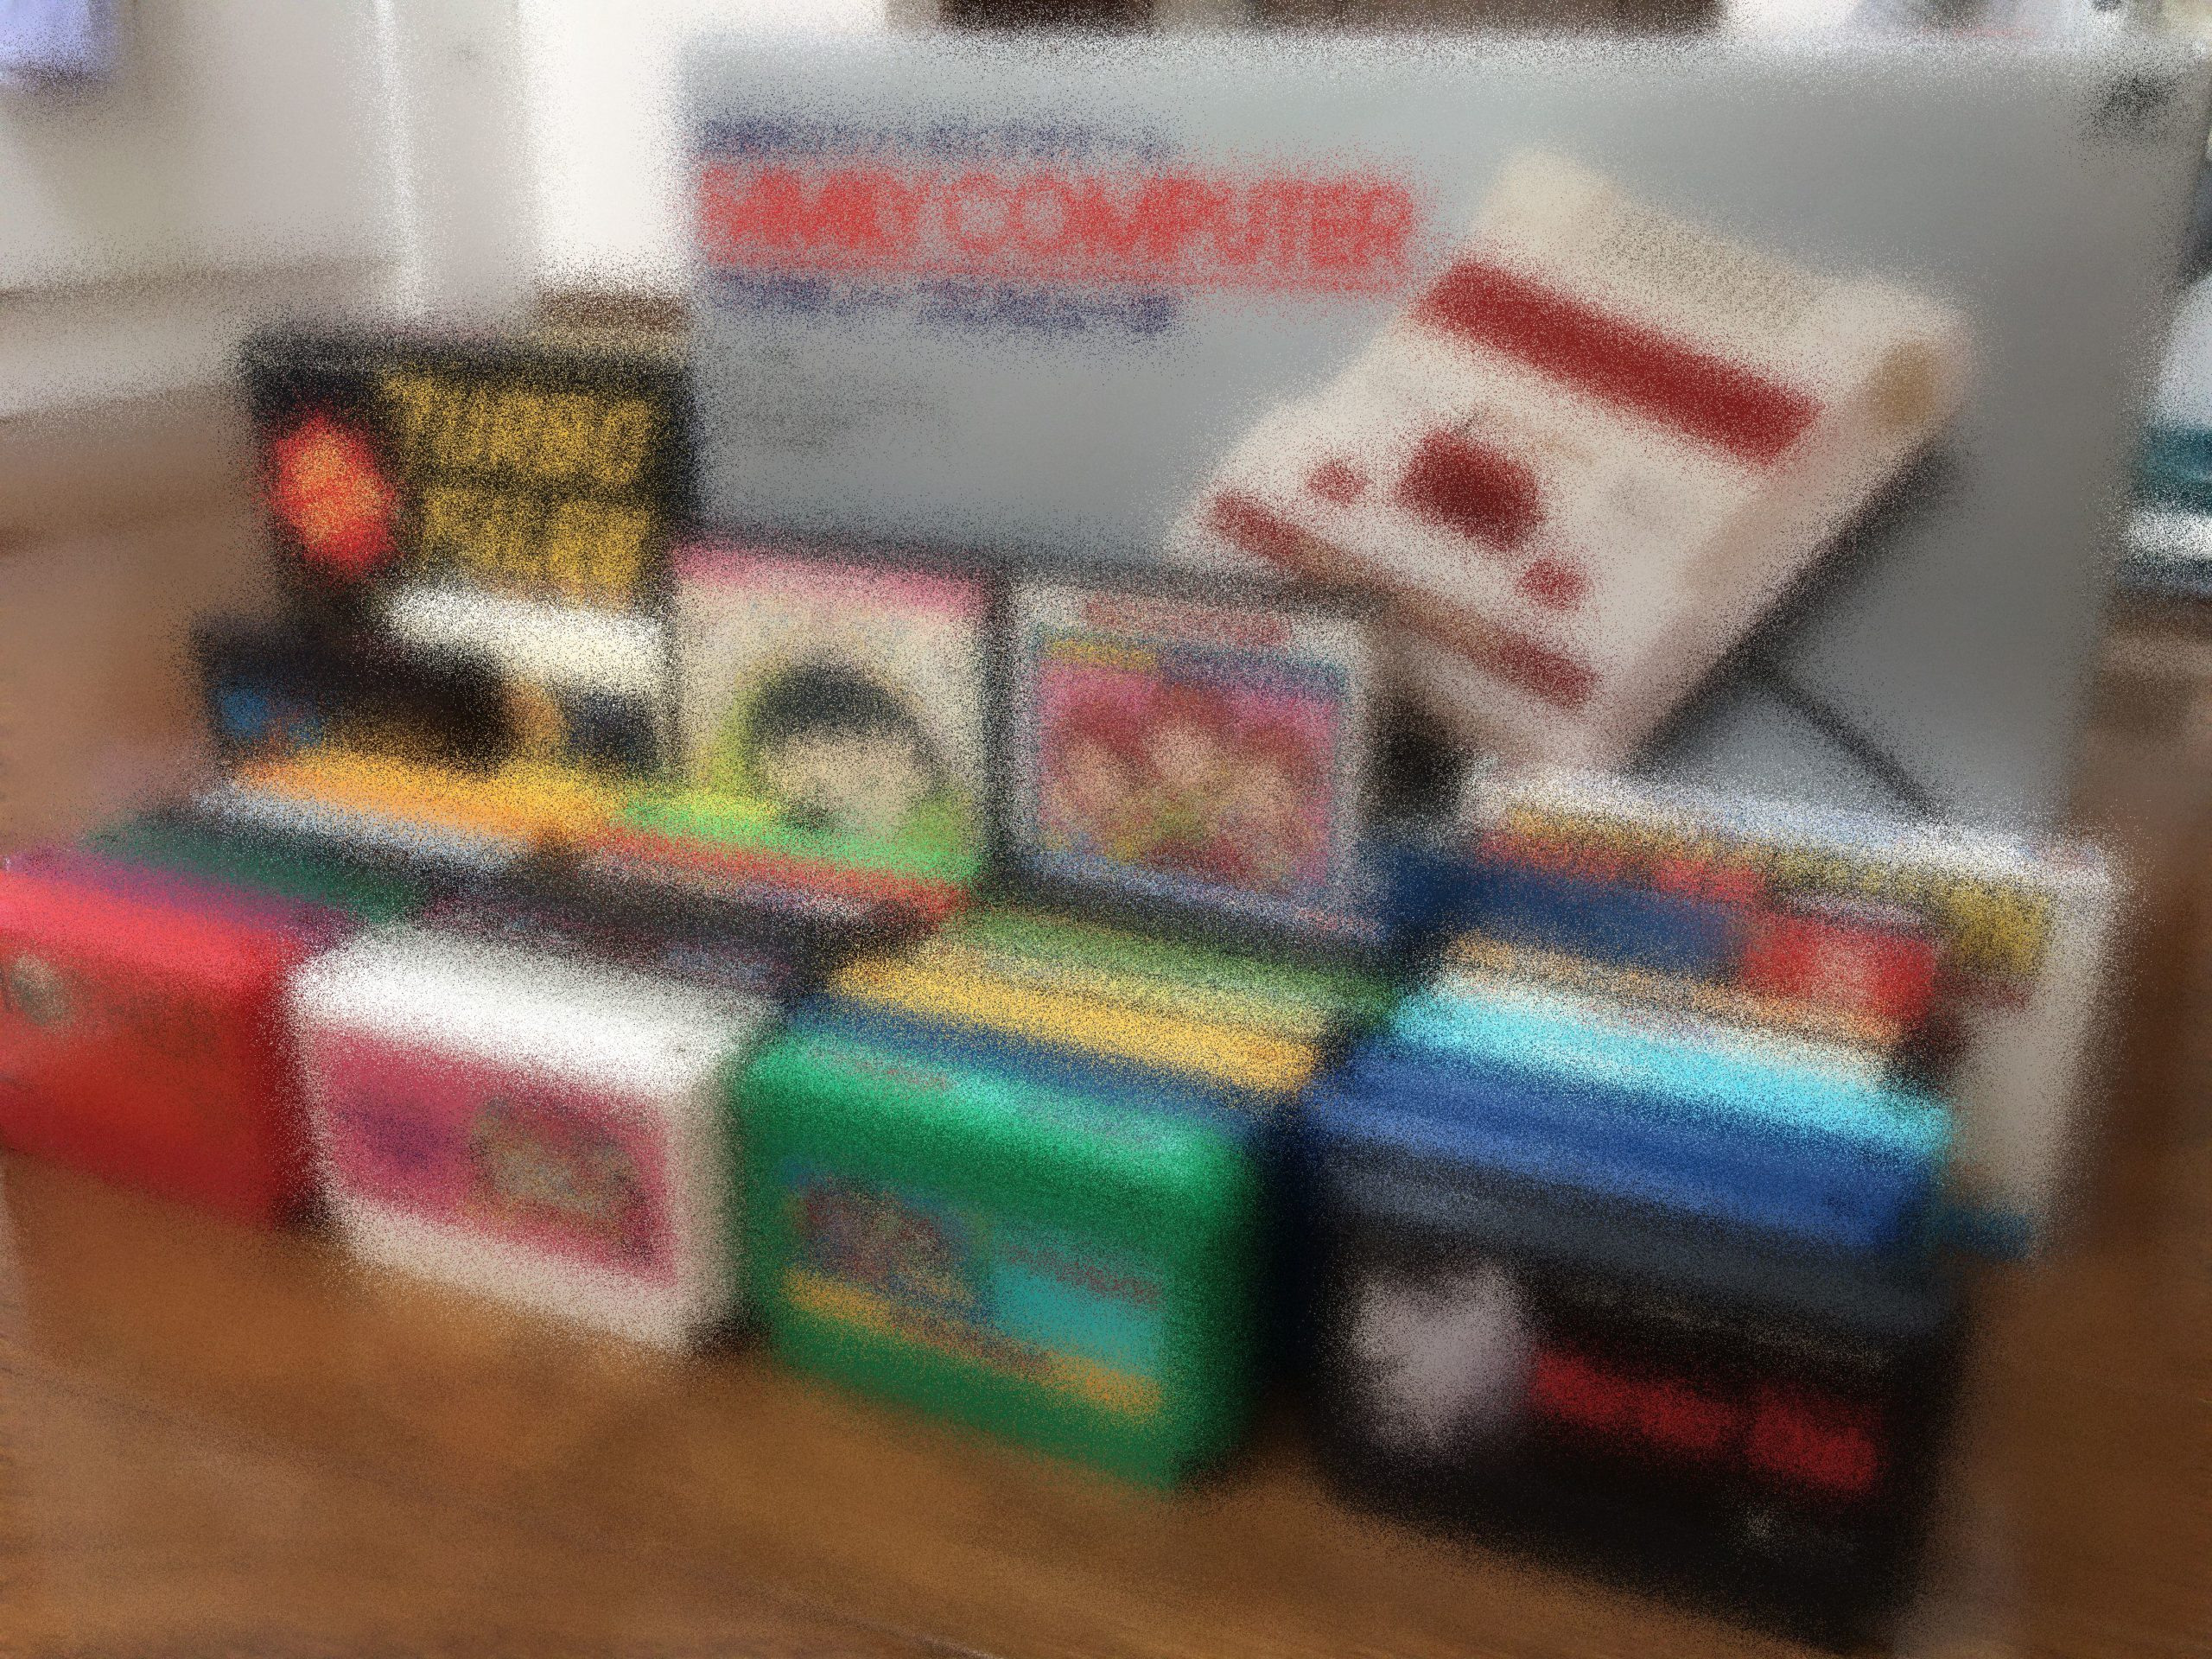 ファミコンカセット本日の成果は34本です。カセット以外に色々とゲットしました